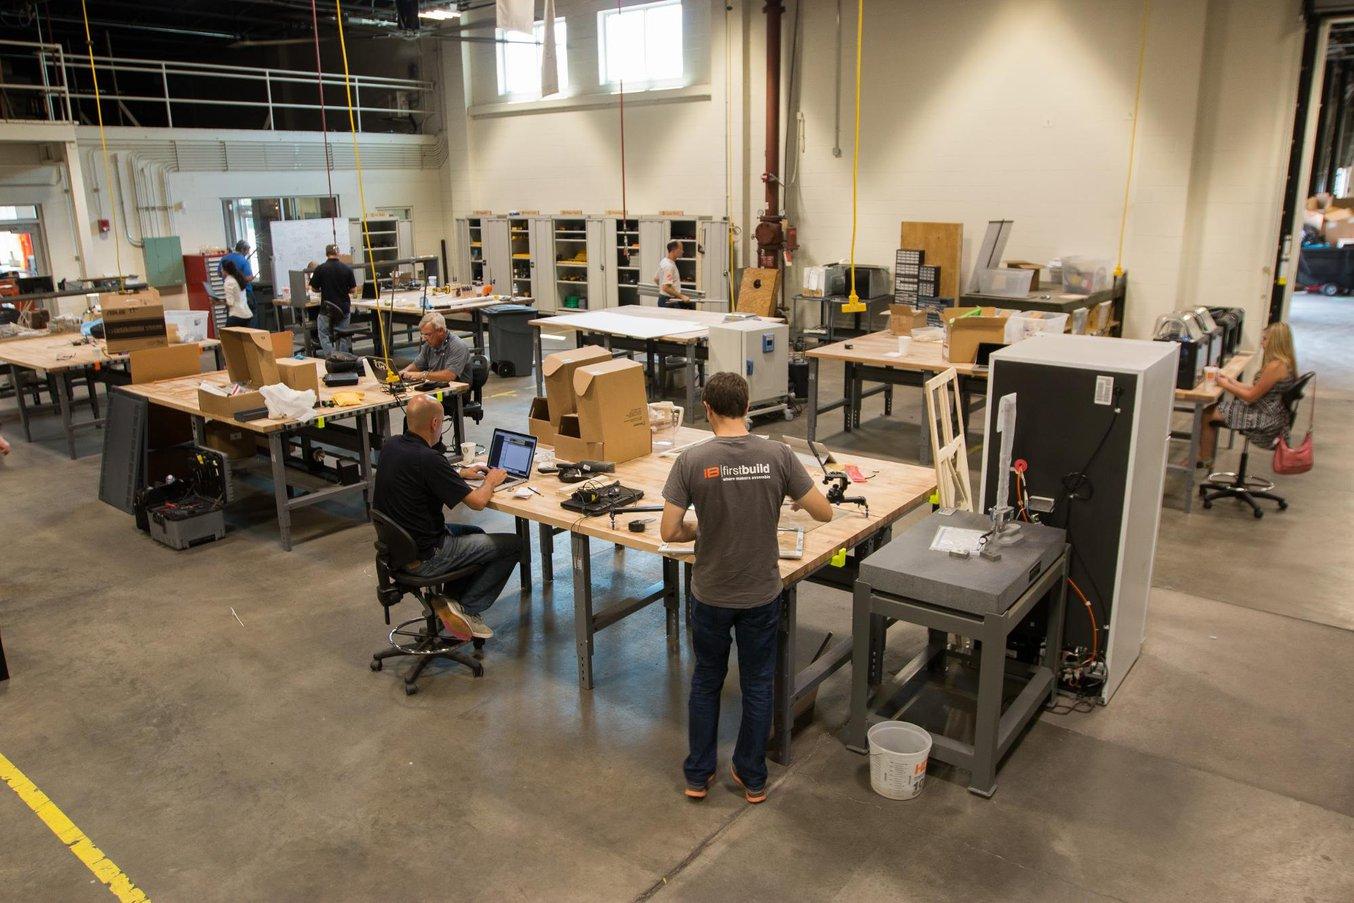 FirstBuild, soutenu par GE Appliances, dirige une micro-usine qui réalise des produits à partir des idées proposées par leur communauté en ligne.